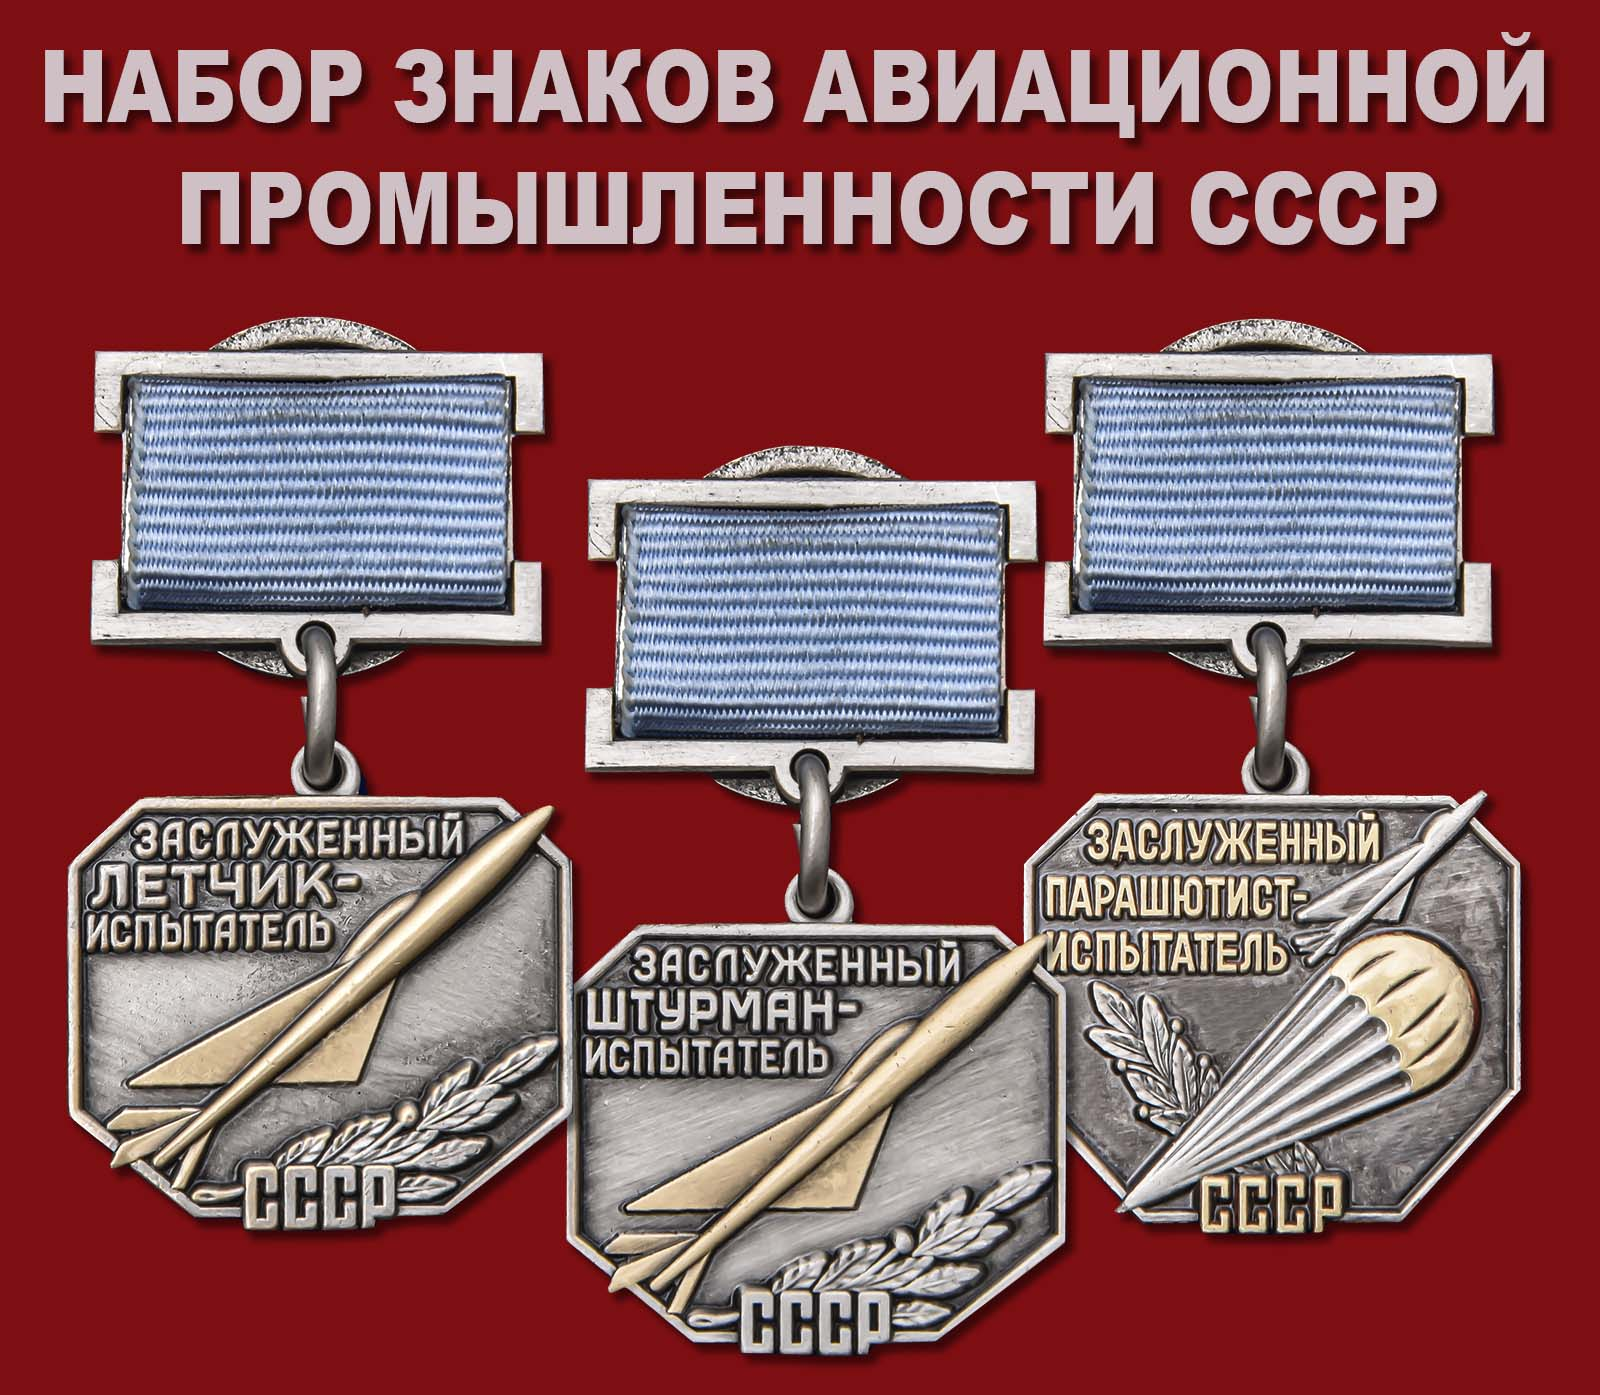 Набор знаков Авиационной промышленности СССР